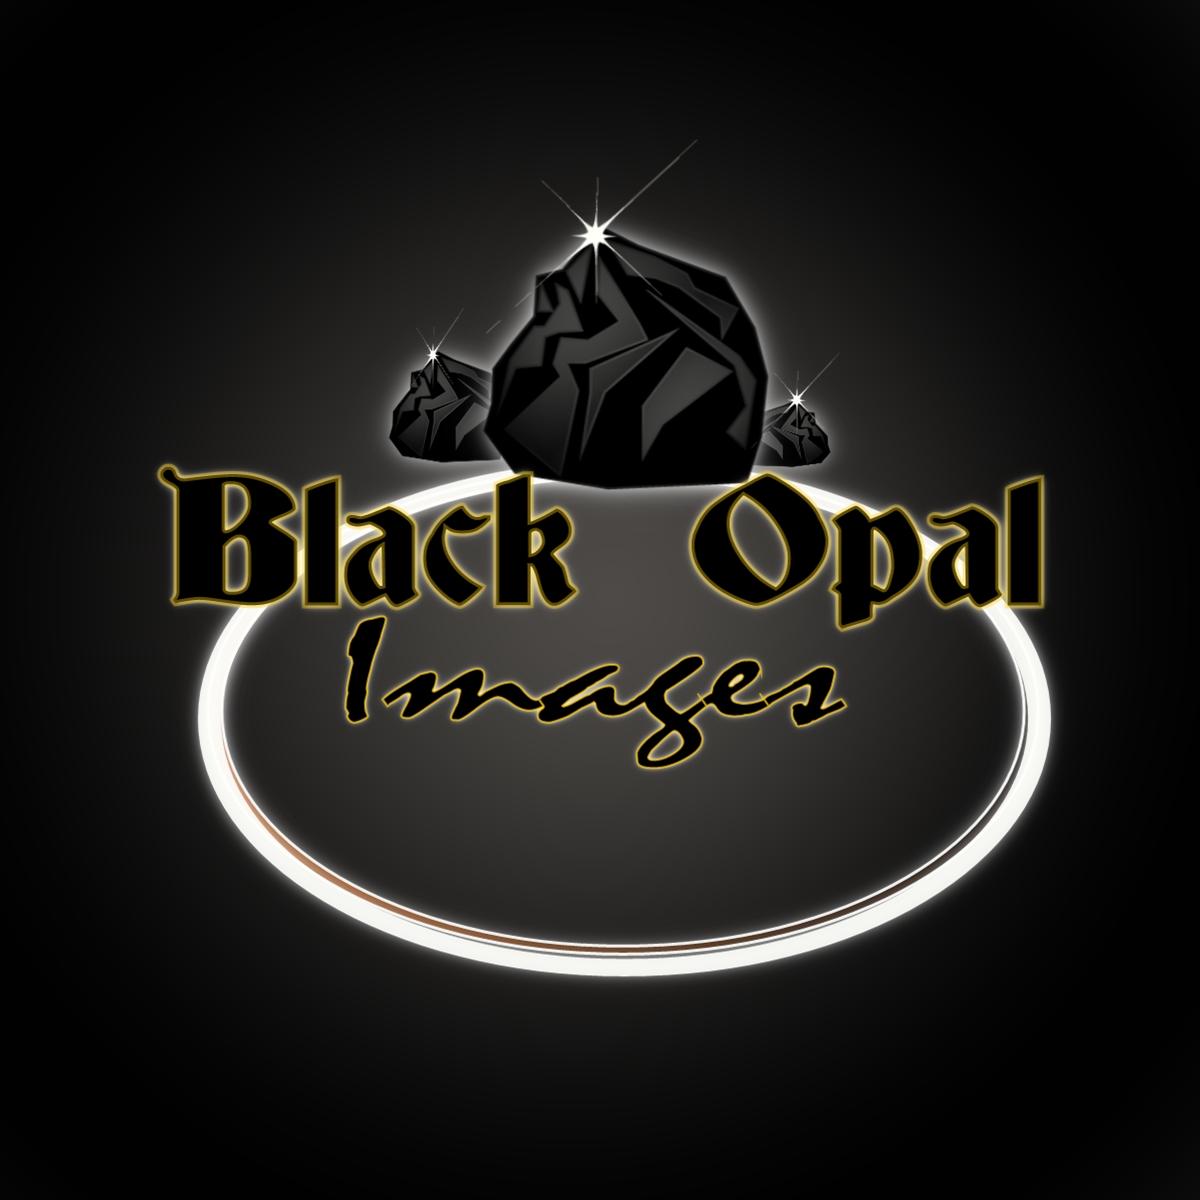 Logo Design by Joseph calunsag Cagaanan - Entry No. 17 in the Logo Design Contest New Logo Design for Black Opal Images.